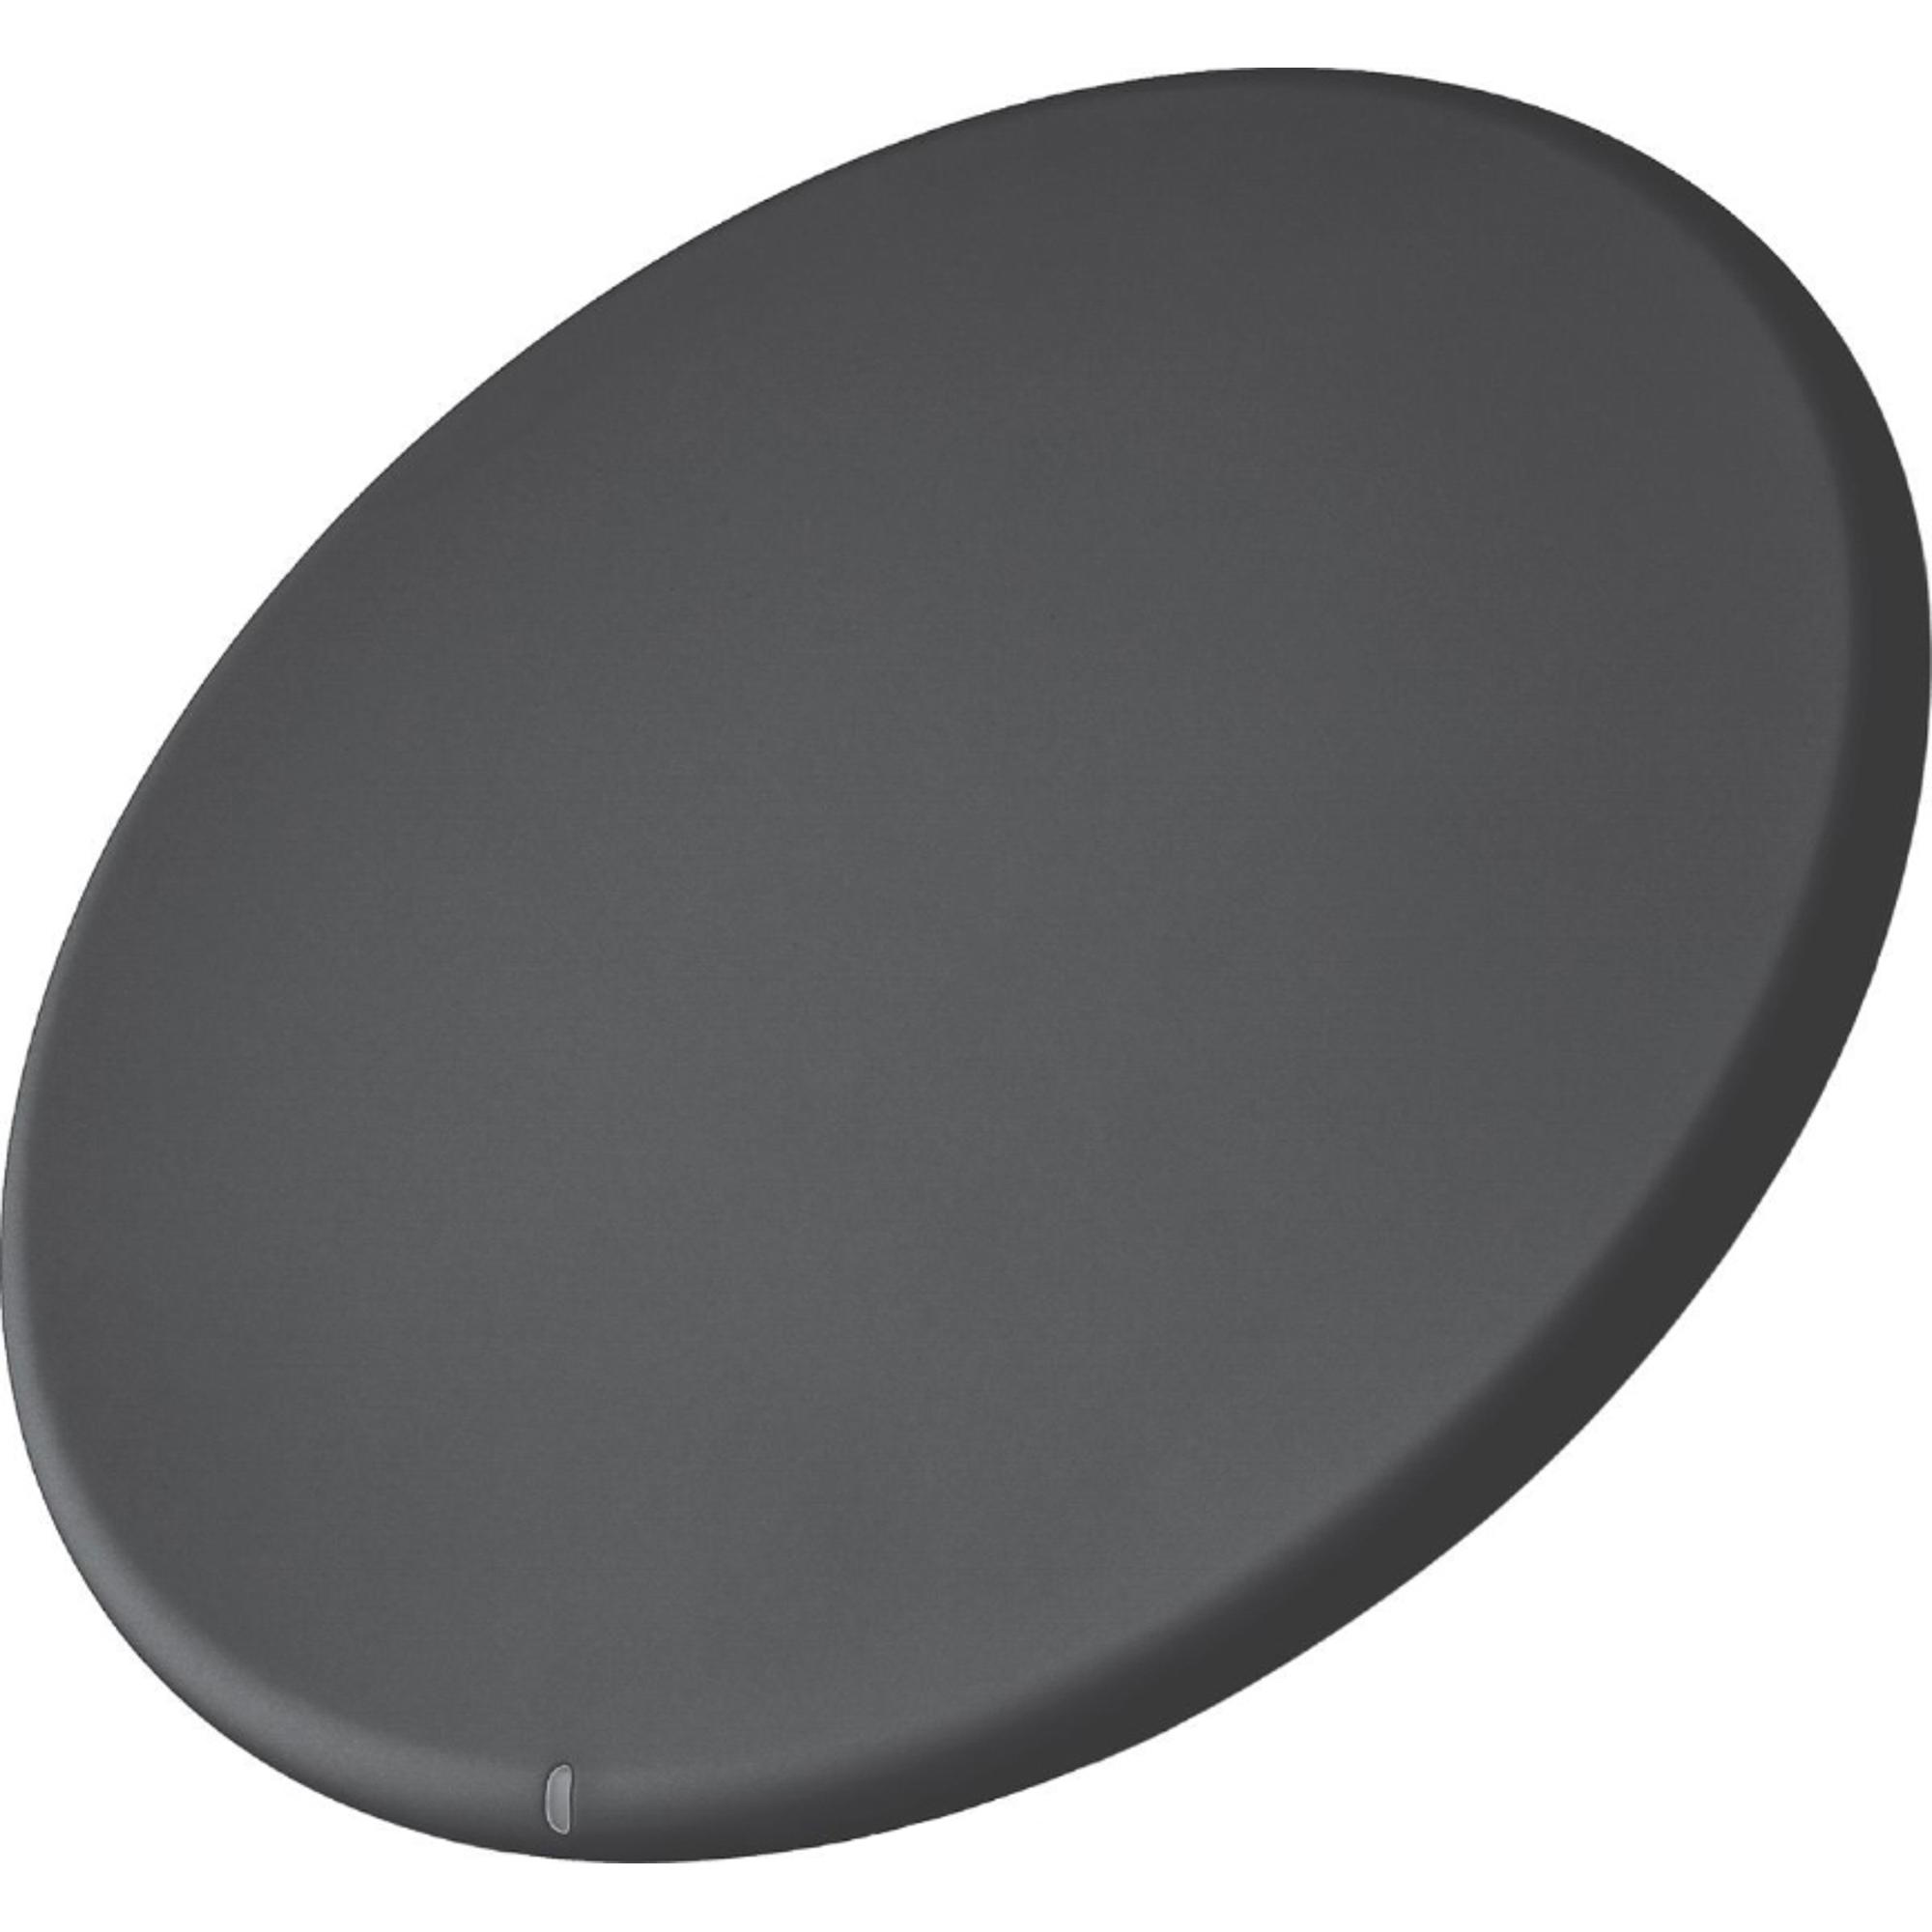 Фото - Беспроводное зарядное устройство uBear Flow Wireless Charger Black WL02BL10-AD беспроводное зарядное устройство neo q5 quick